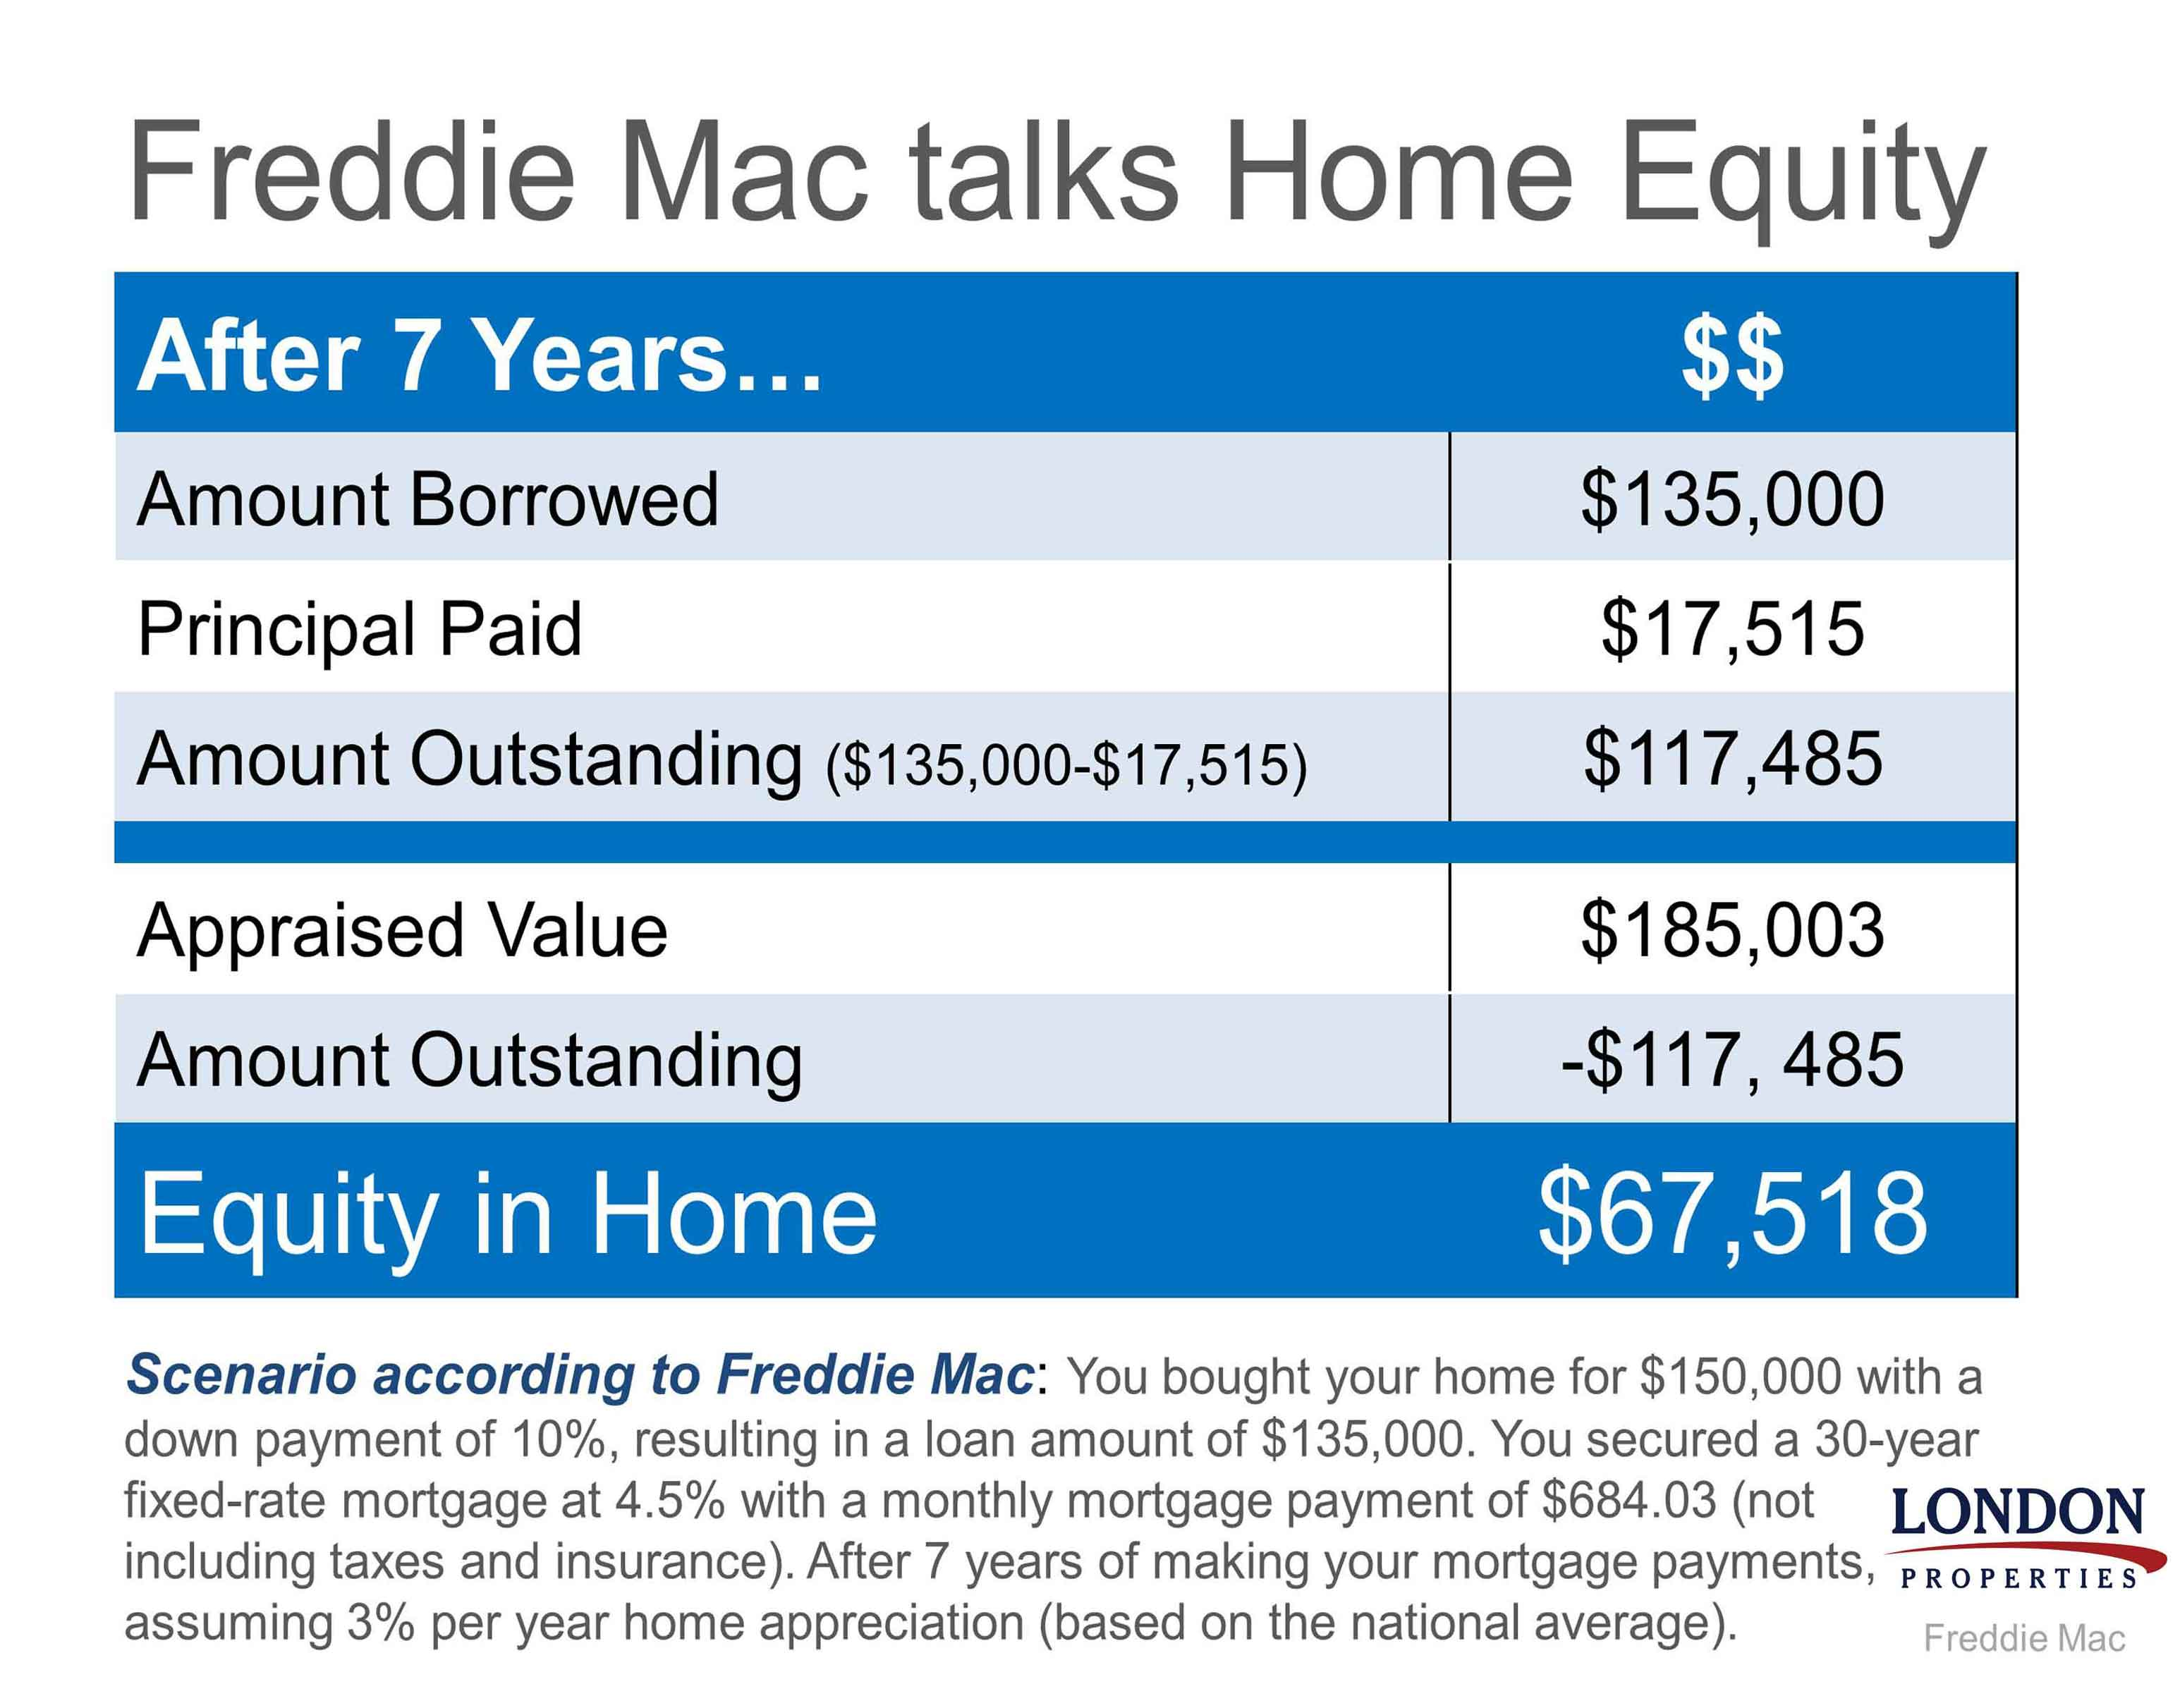 Freddie Mac Talks Home Equity